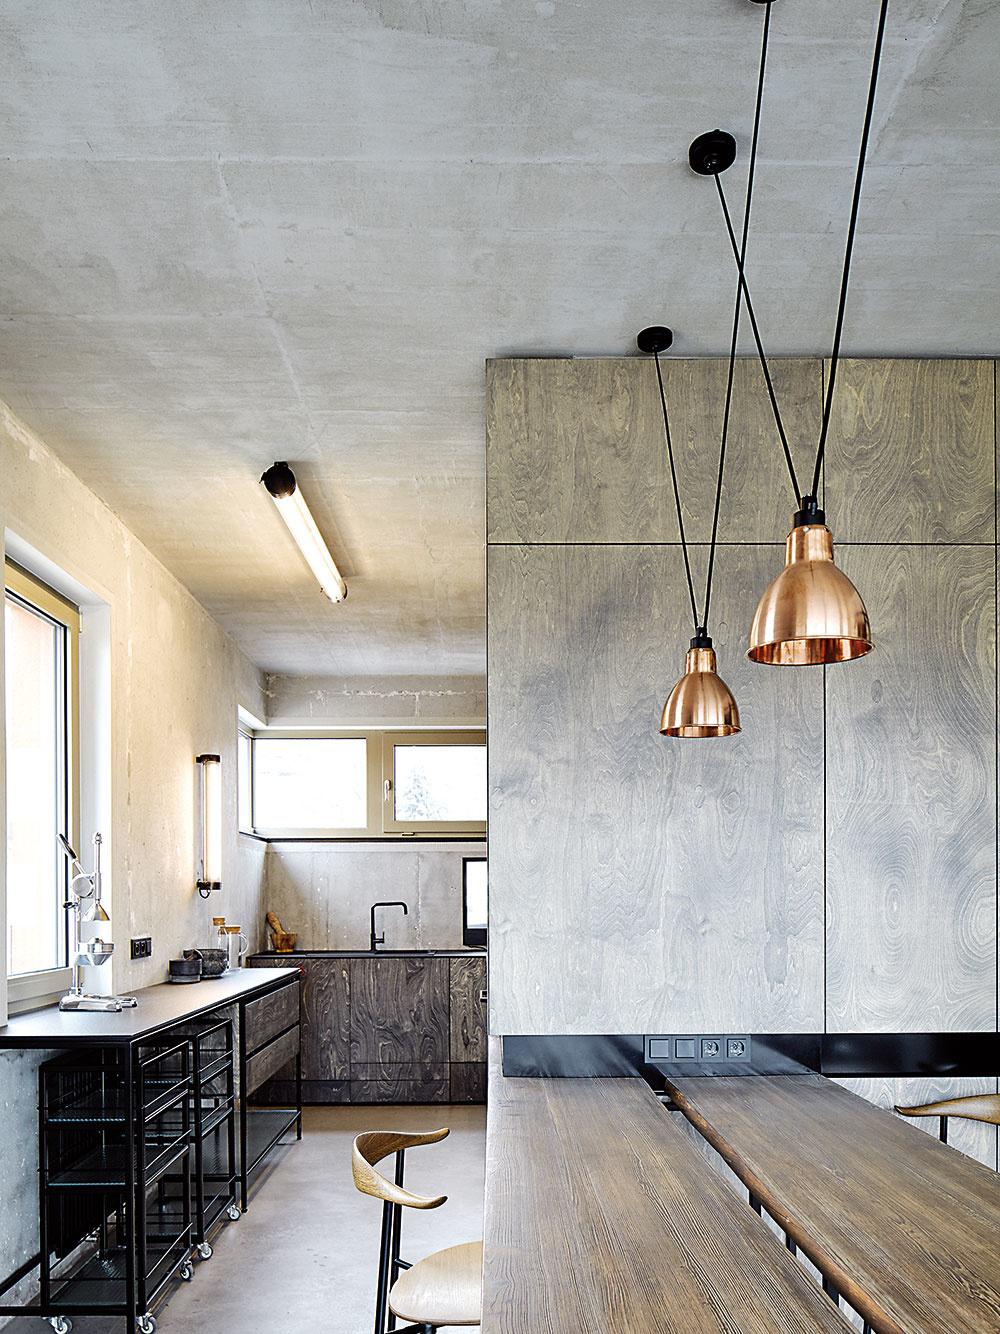 Kuchyni jednoznačne vládne betón. Jednoduchú linku v odtieňoch sivej osvetľujú industriálne ladené nástenné svietidlá Polaboy.